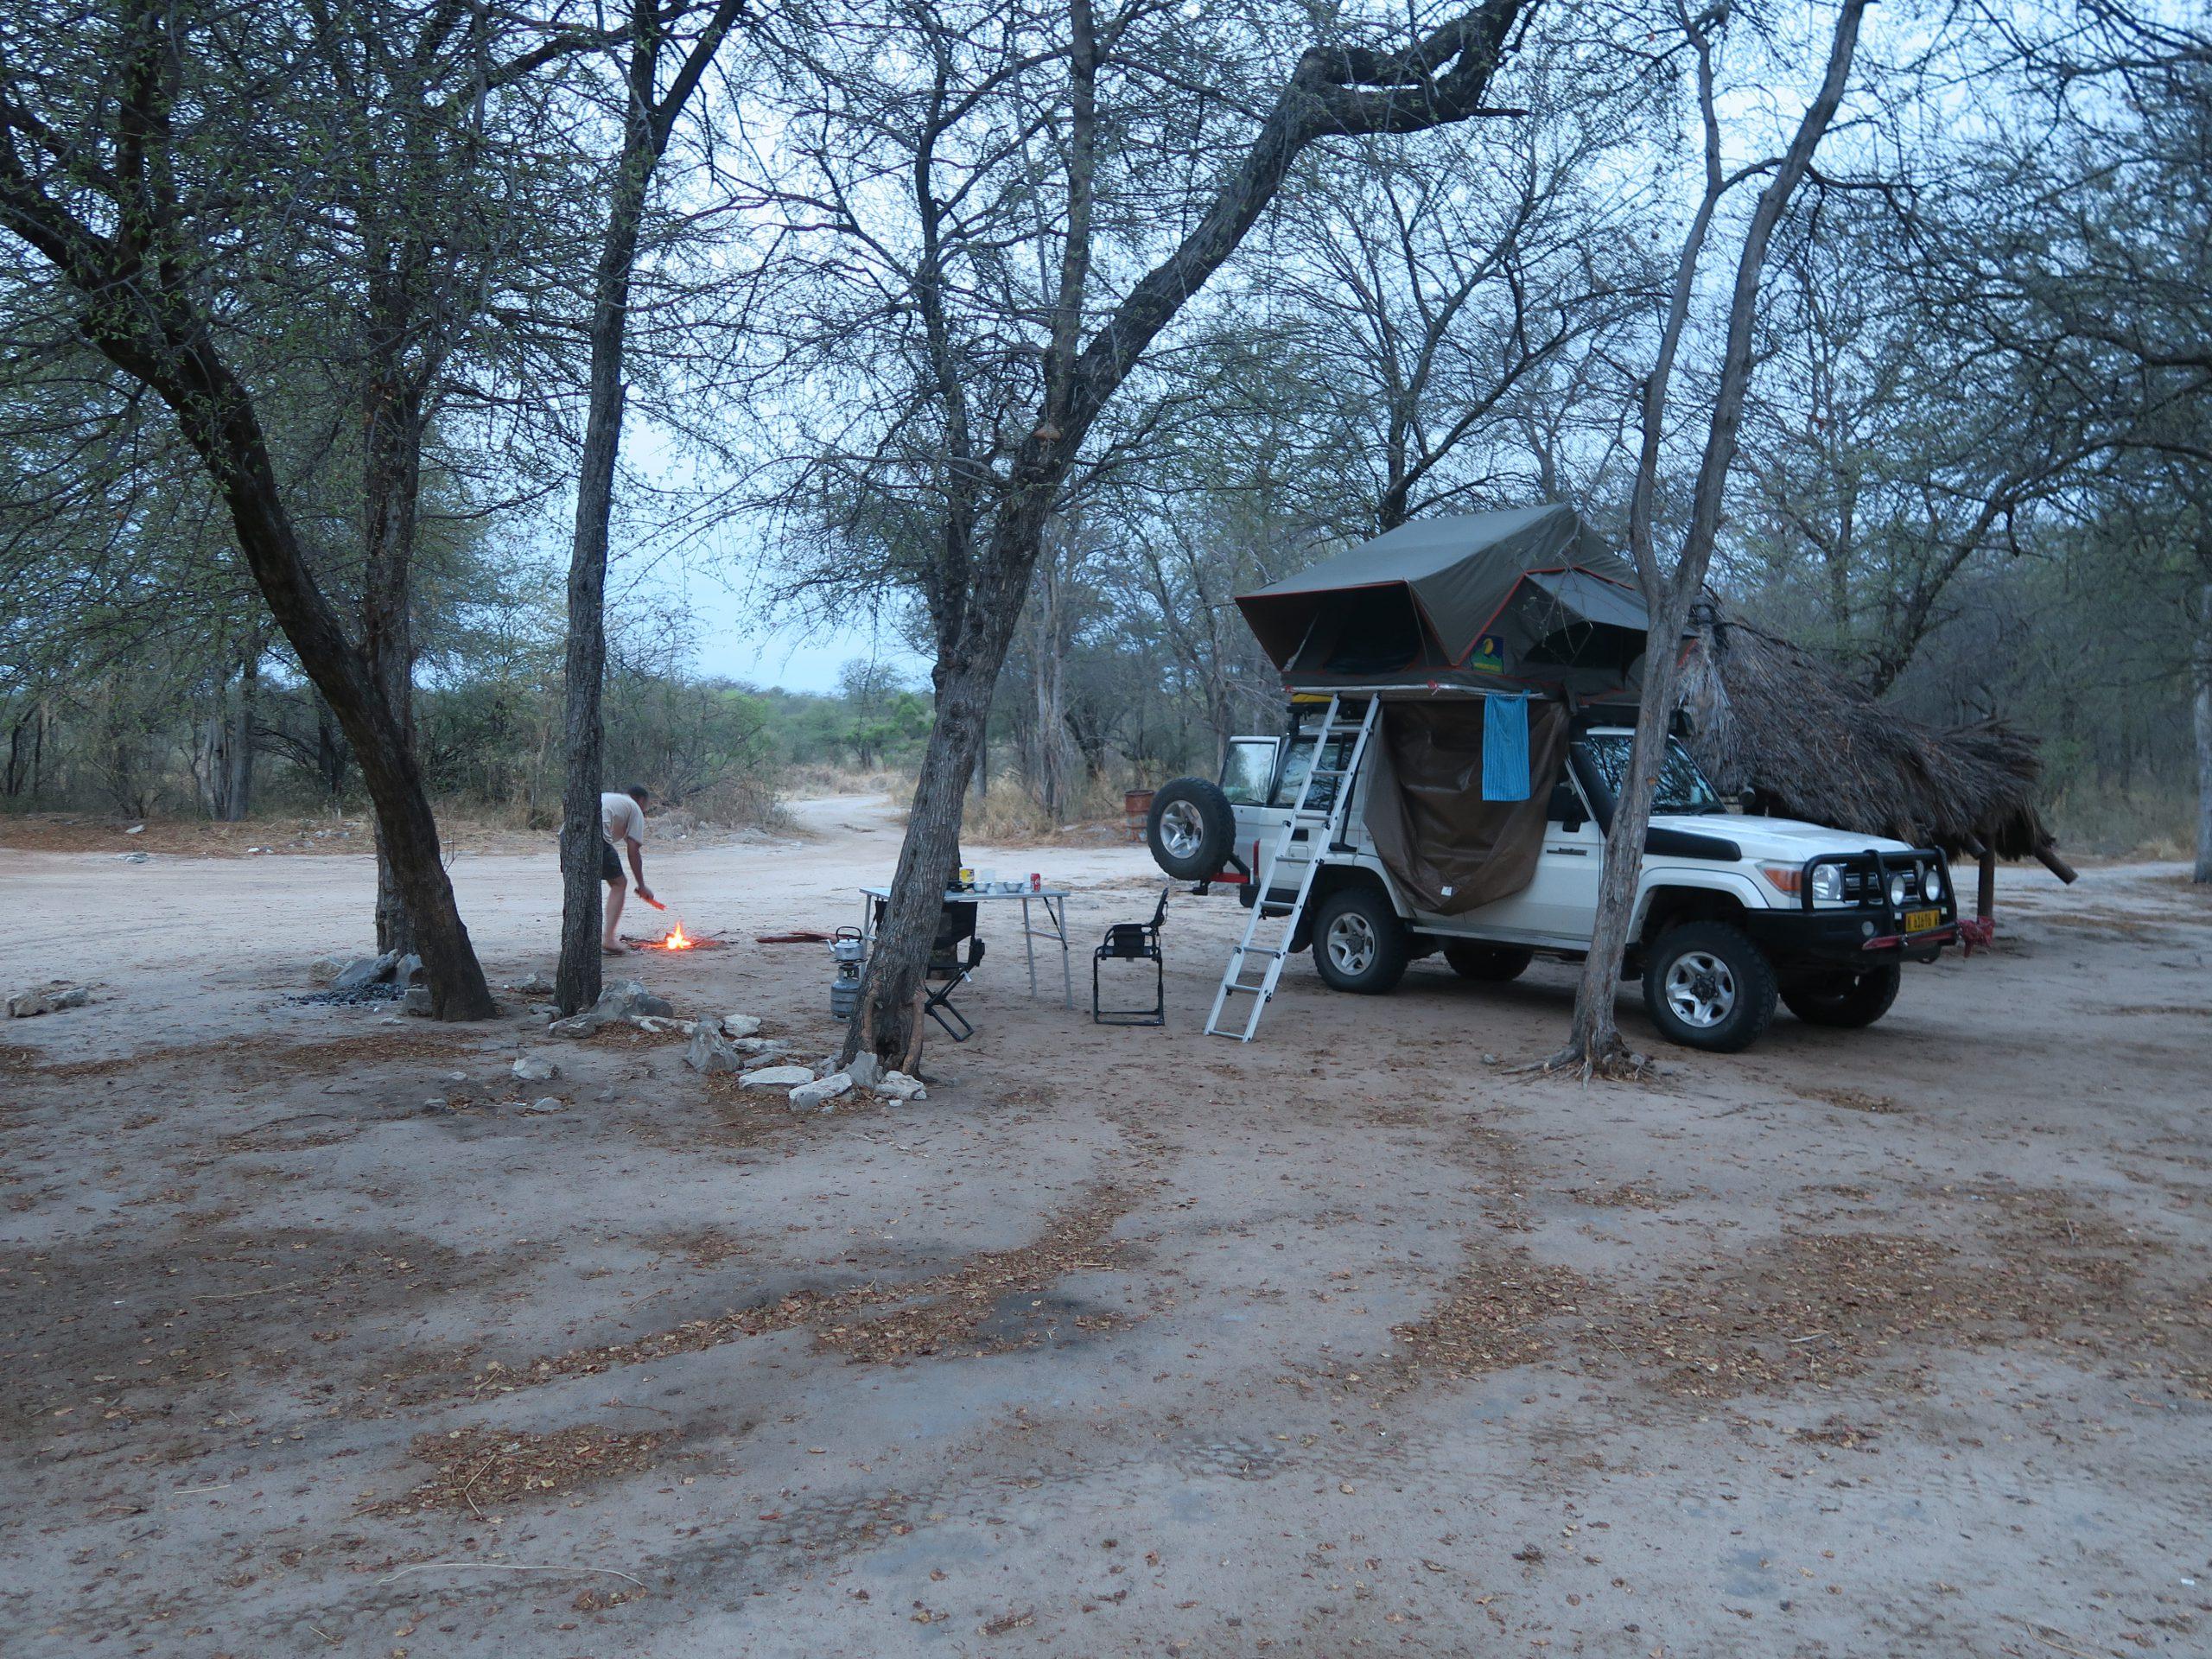 Campsite in Khaudum National Park